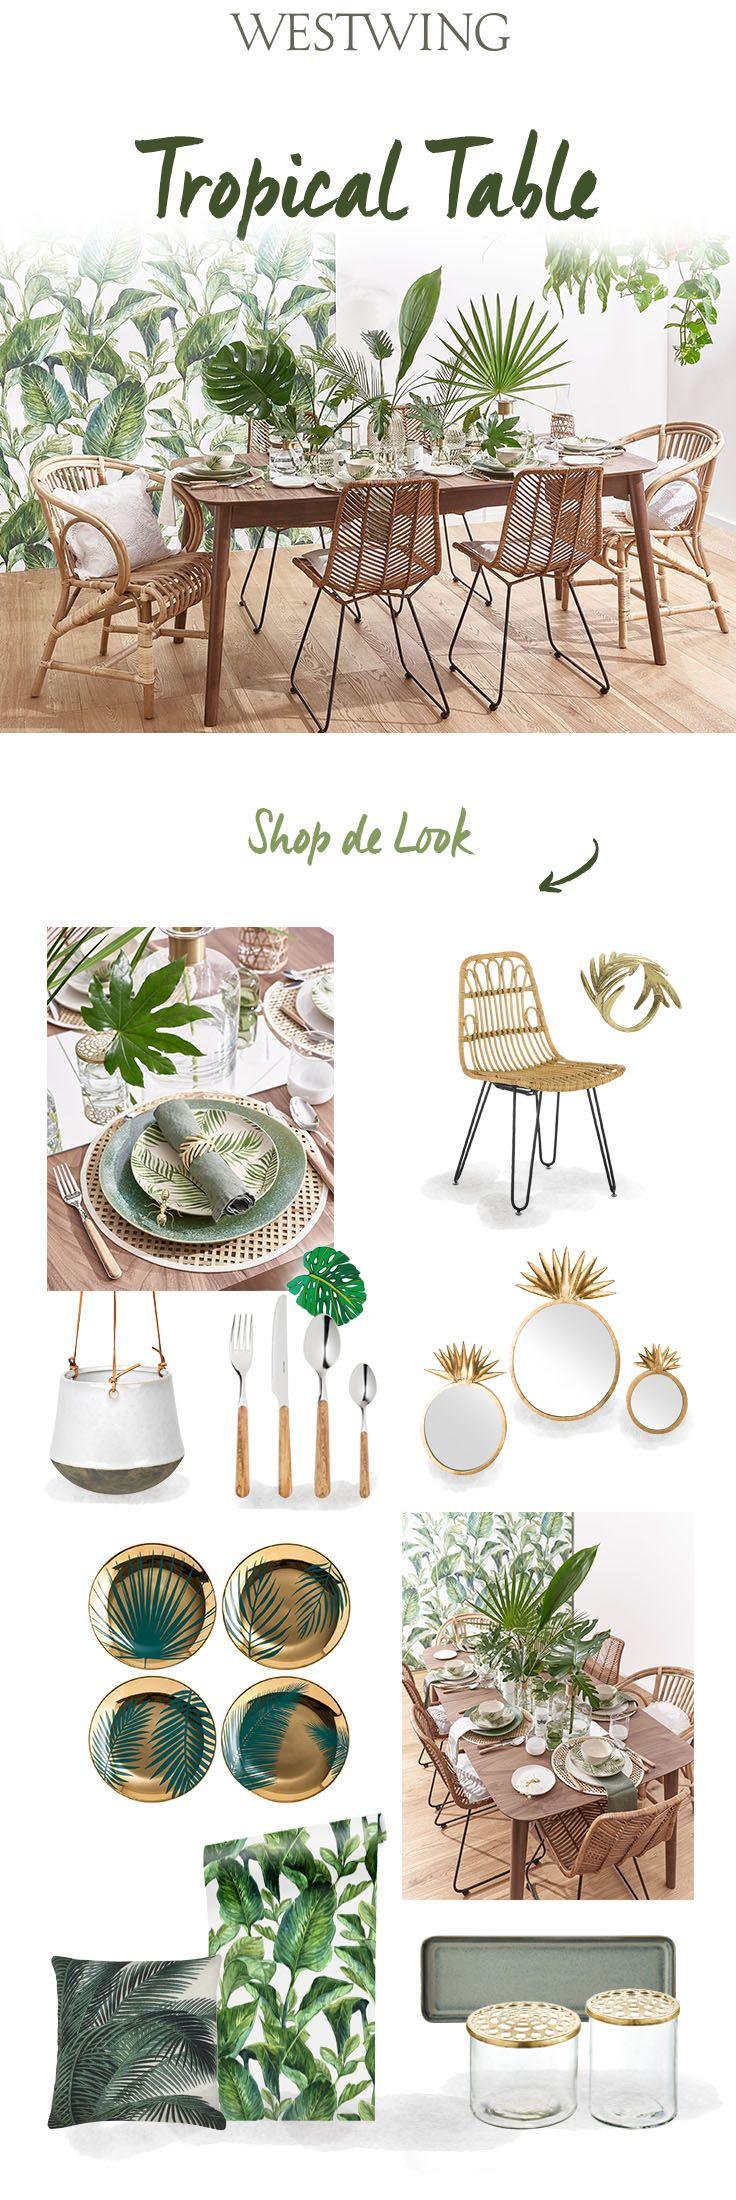 Tropical Table Tropische Decoratie Interieur Woonkamer Tuinfeest